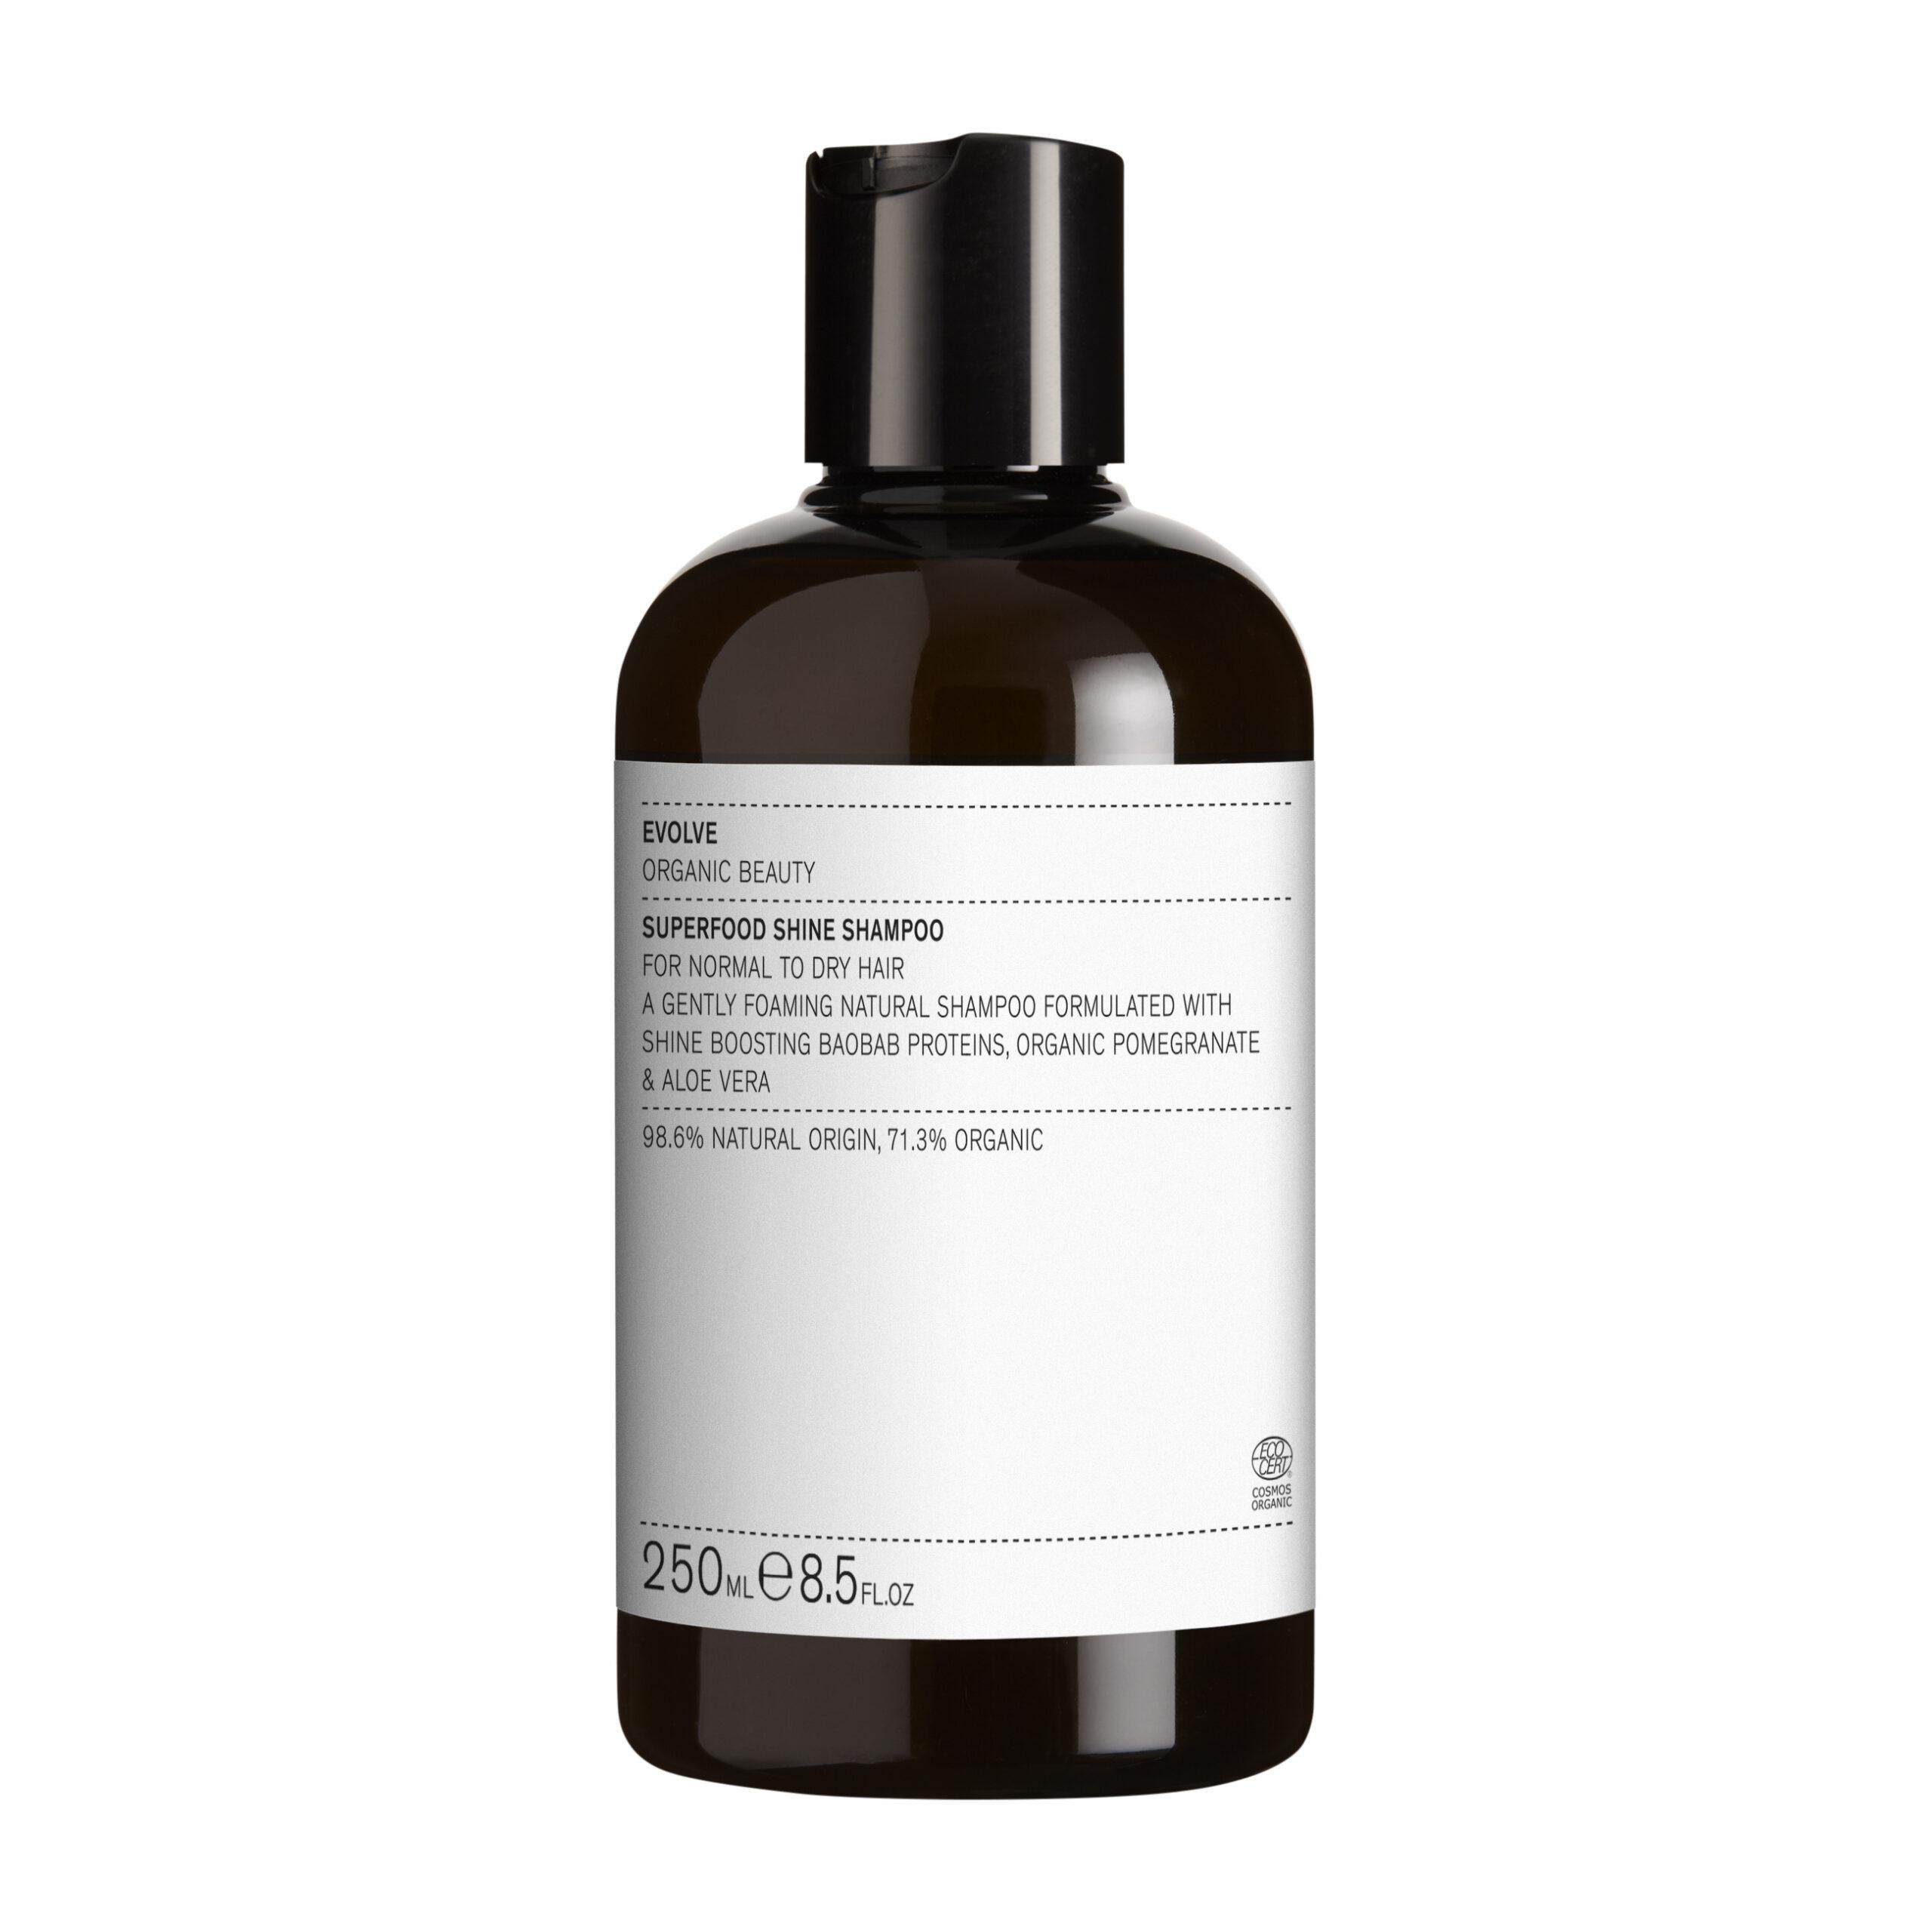 Superfood Shine Shampoo – Evolve Beauty